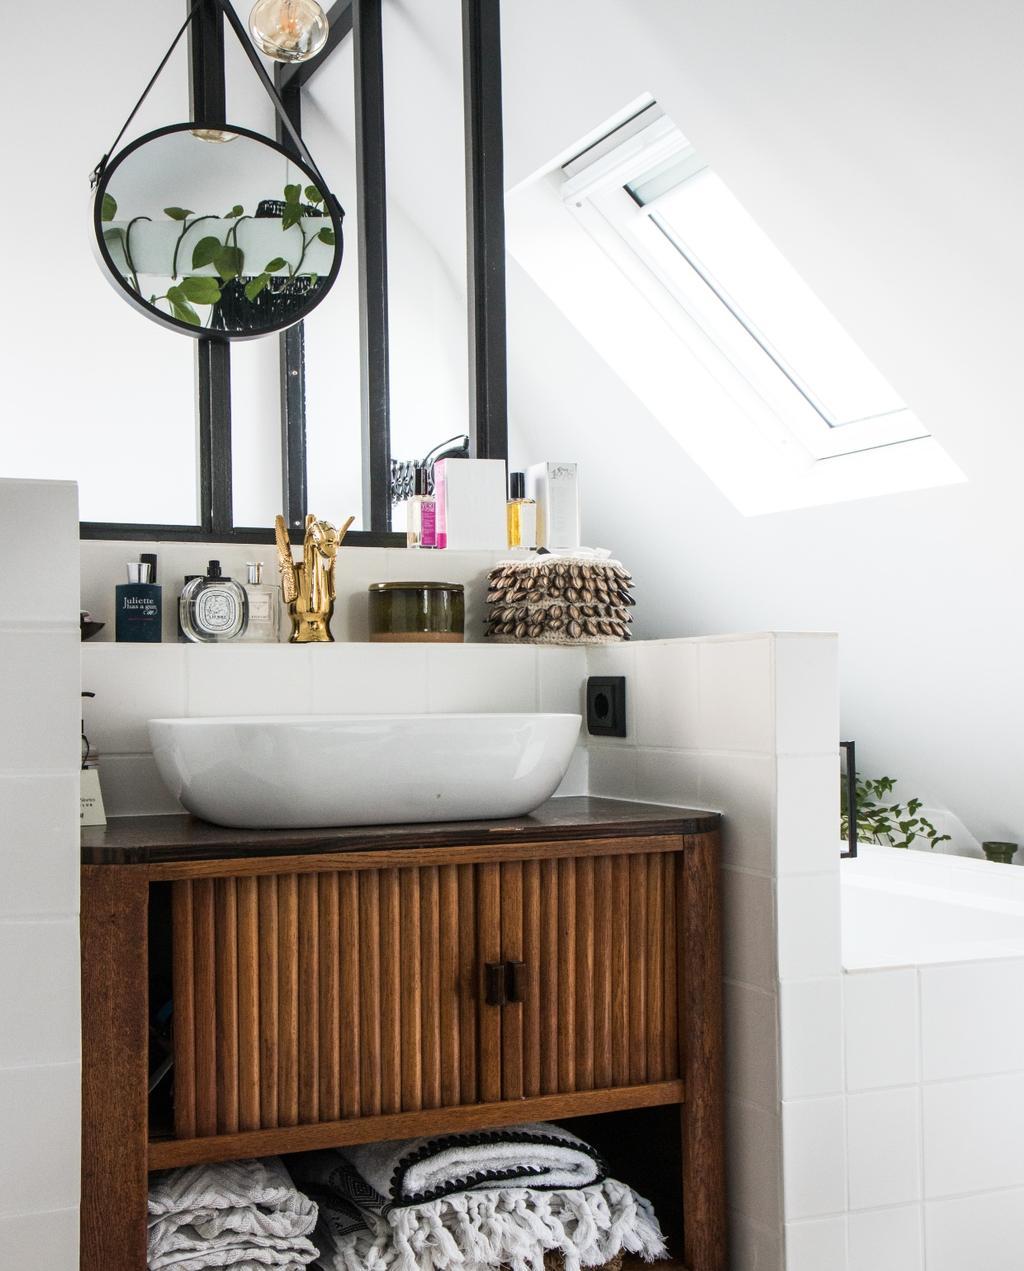 vtwonen 07-2020 | binnenkijken Zaandam badkamer met vintage houten wastafelkast